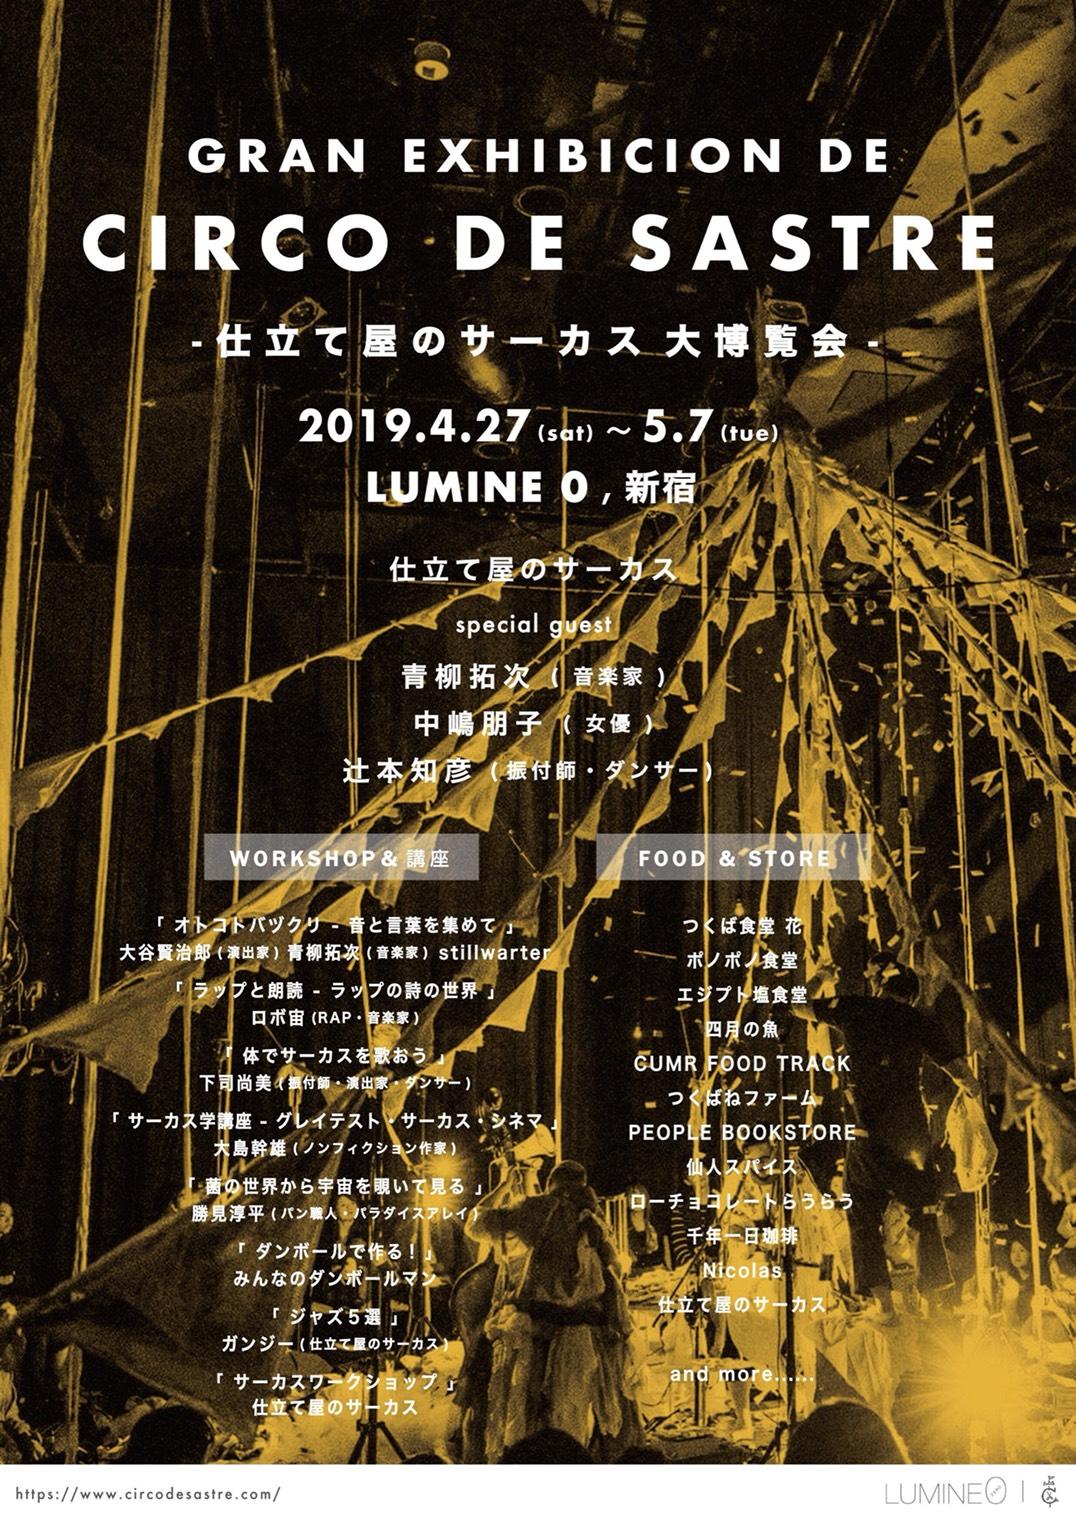 仕立て屋のサーカス大博覧会 - Gran Exhibición de Circo de Sastre・4/30(火) ゲスト:中嶋朋子 ( 女優 )